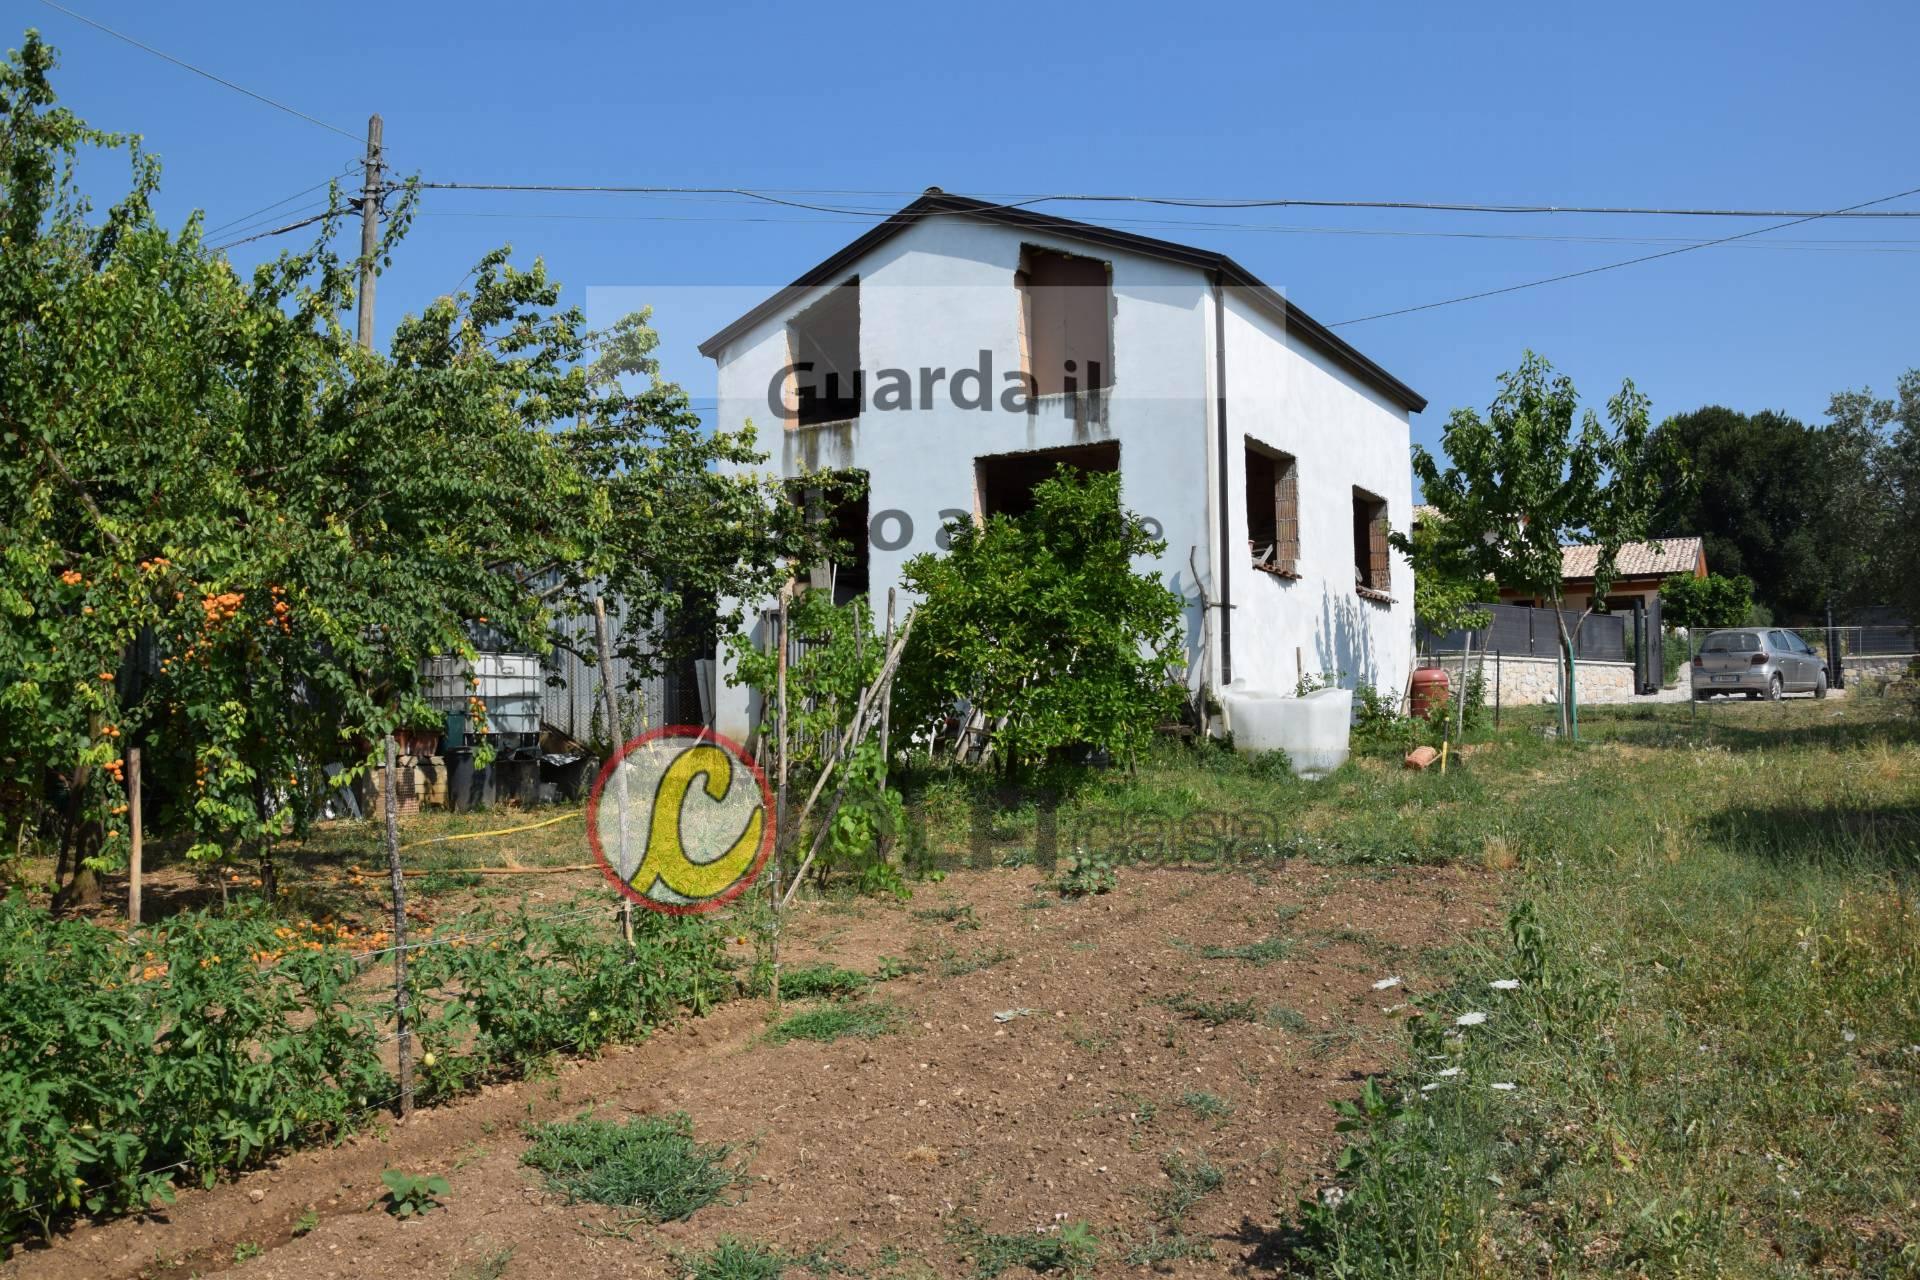 Negozio / Locale in vendita a Sant'Elia Fiumerapido, 9999 locali, zona Zona: Olivella, prezzo € 65.000   CambioCasa.it